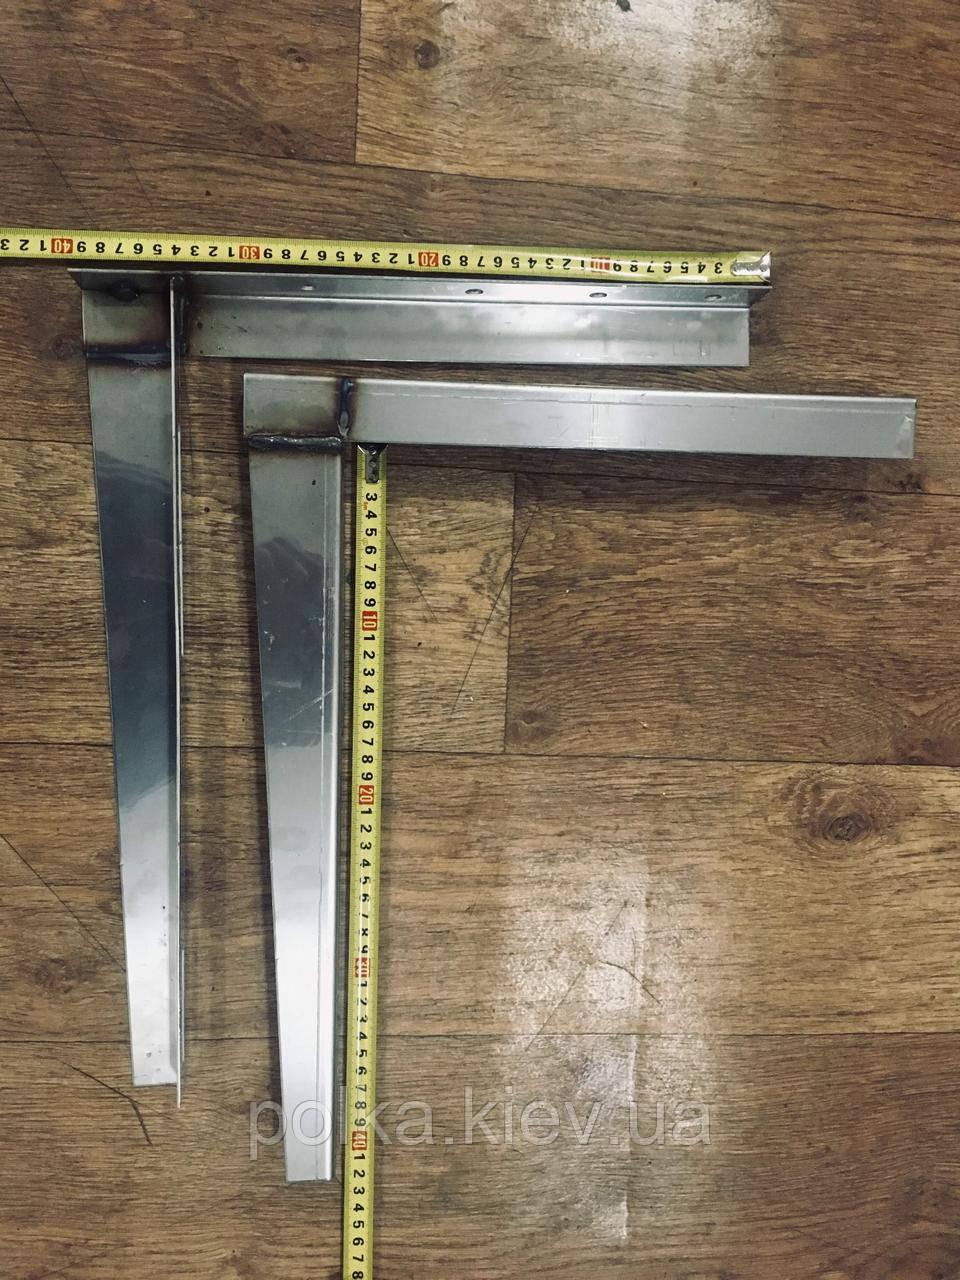 Кронштейн К-1 из нержавеющей стали